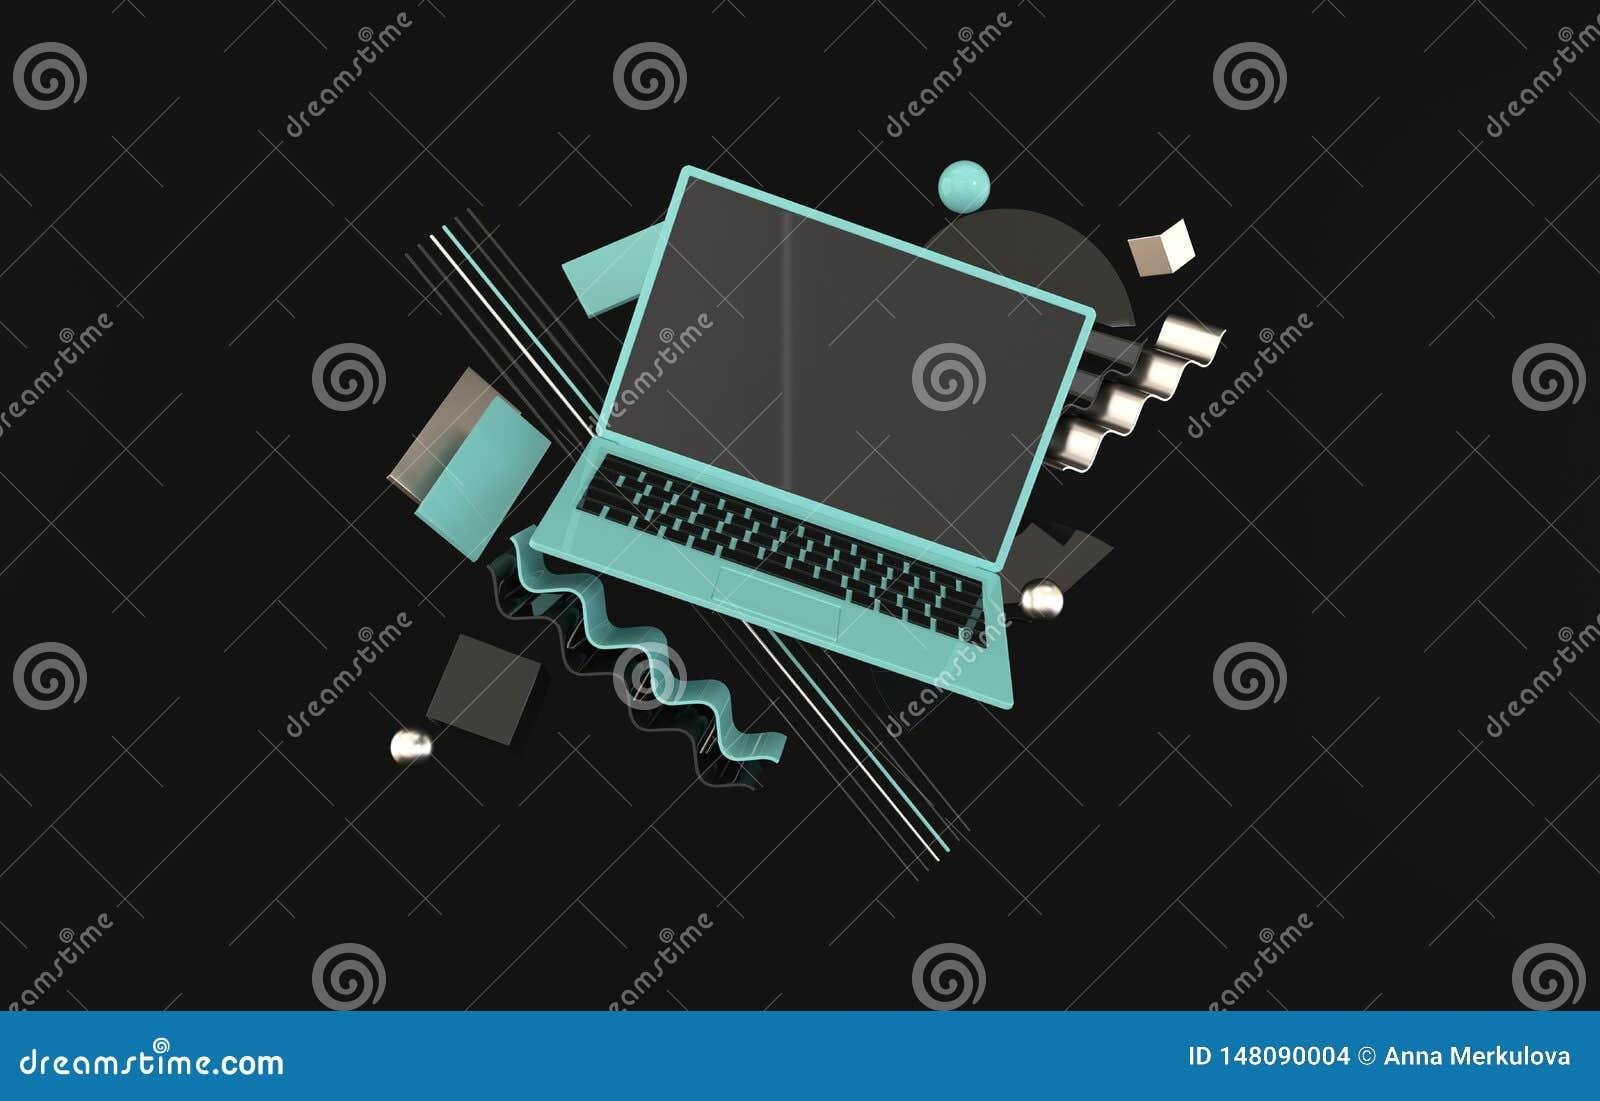 膝上型计算机和另外几何对象大模型背景在现代最小的样式 笔记本3d在黑和蓝色回报